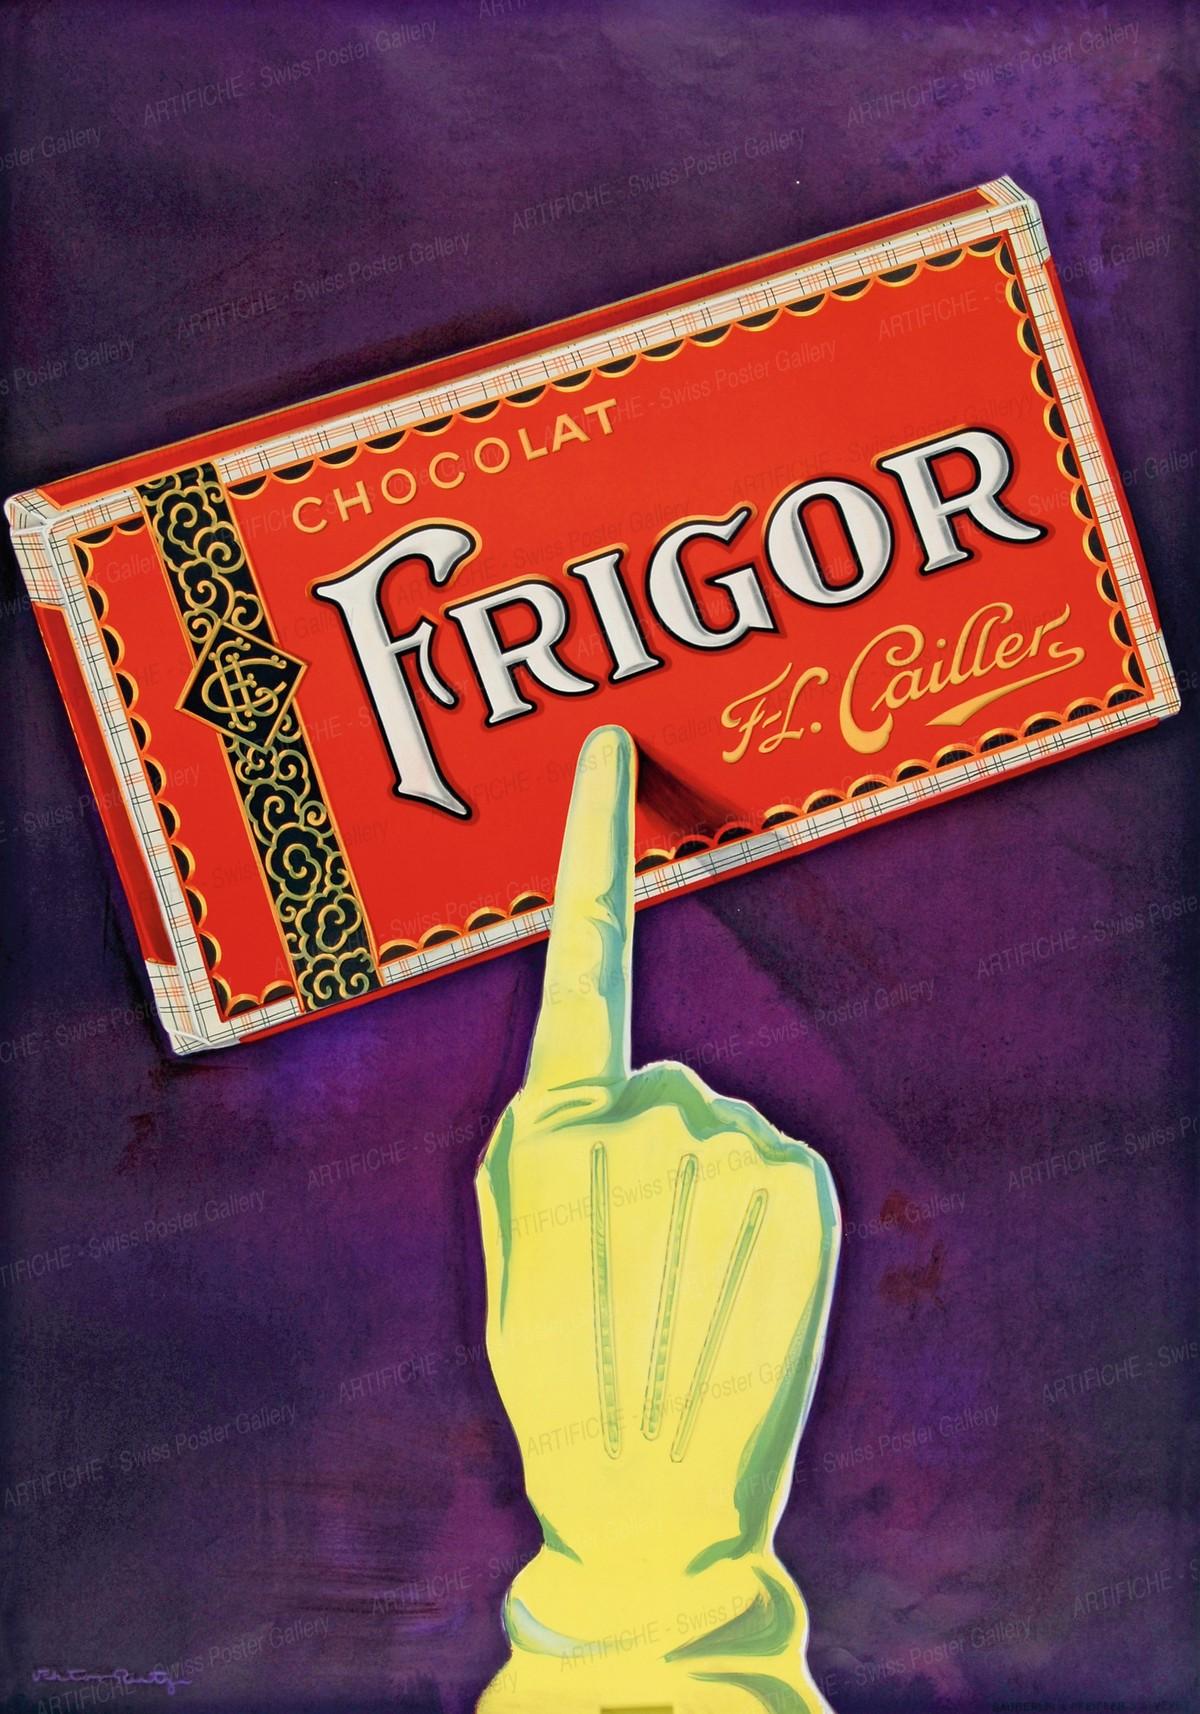 Frigor Chocolate, Viktor Rutz